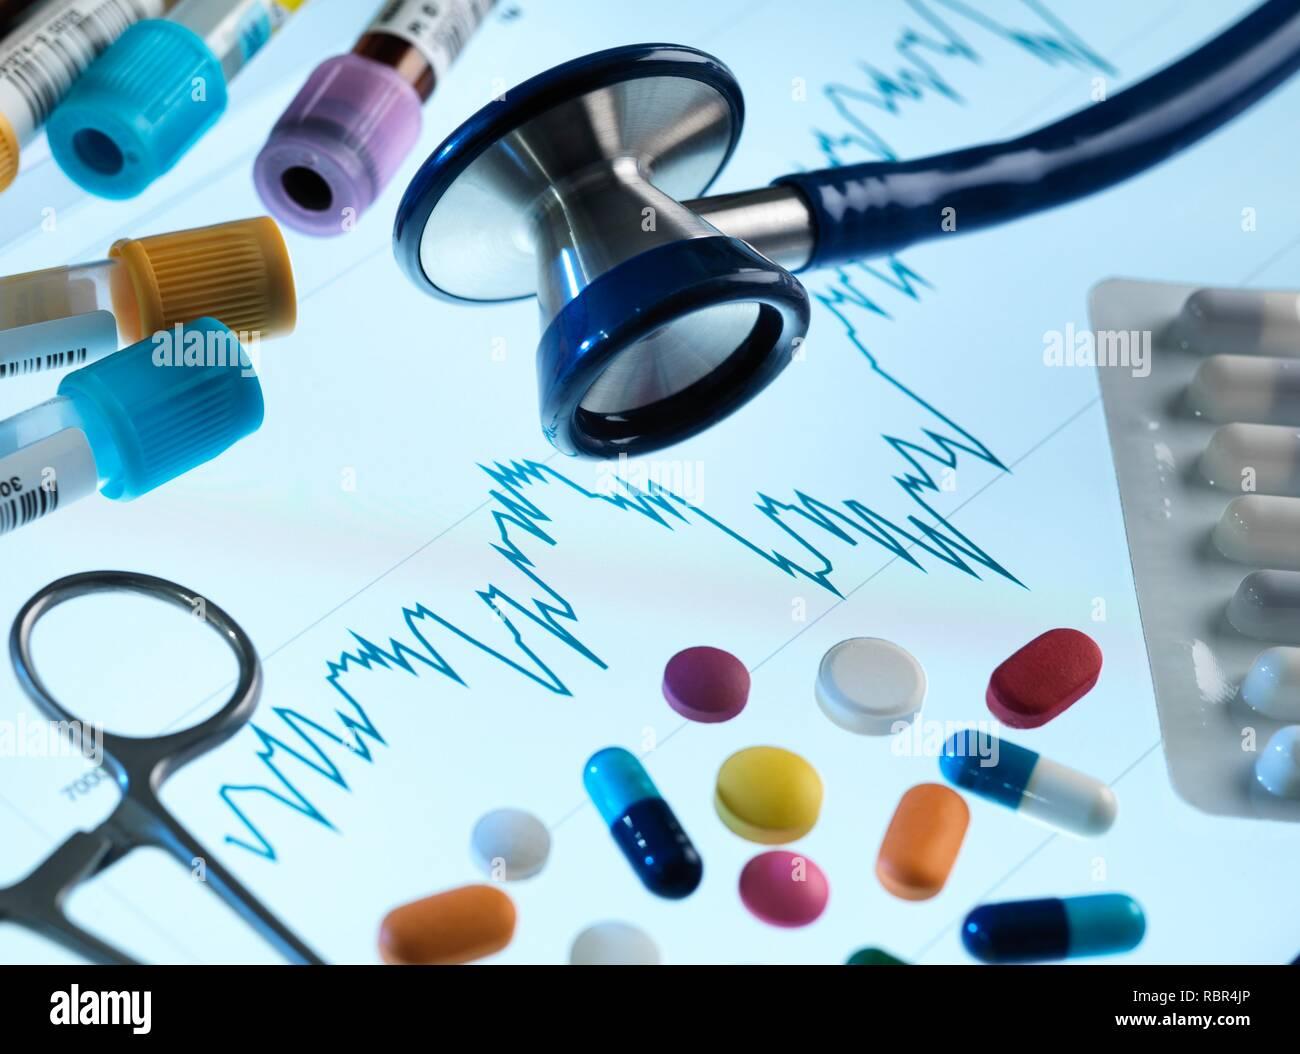 Estetoscopio, medicina y muestras médicas sentado sobre una cotización gráfico, ilustrando invirtiendo en investigación farmacéutica. Foto de stock